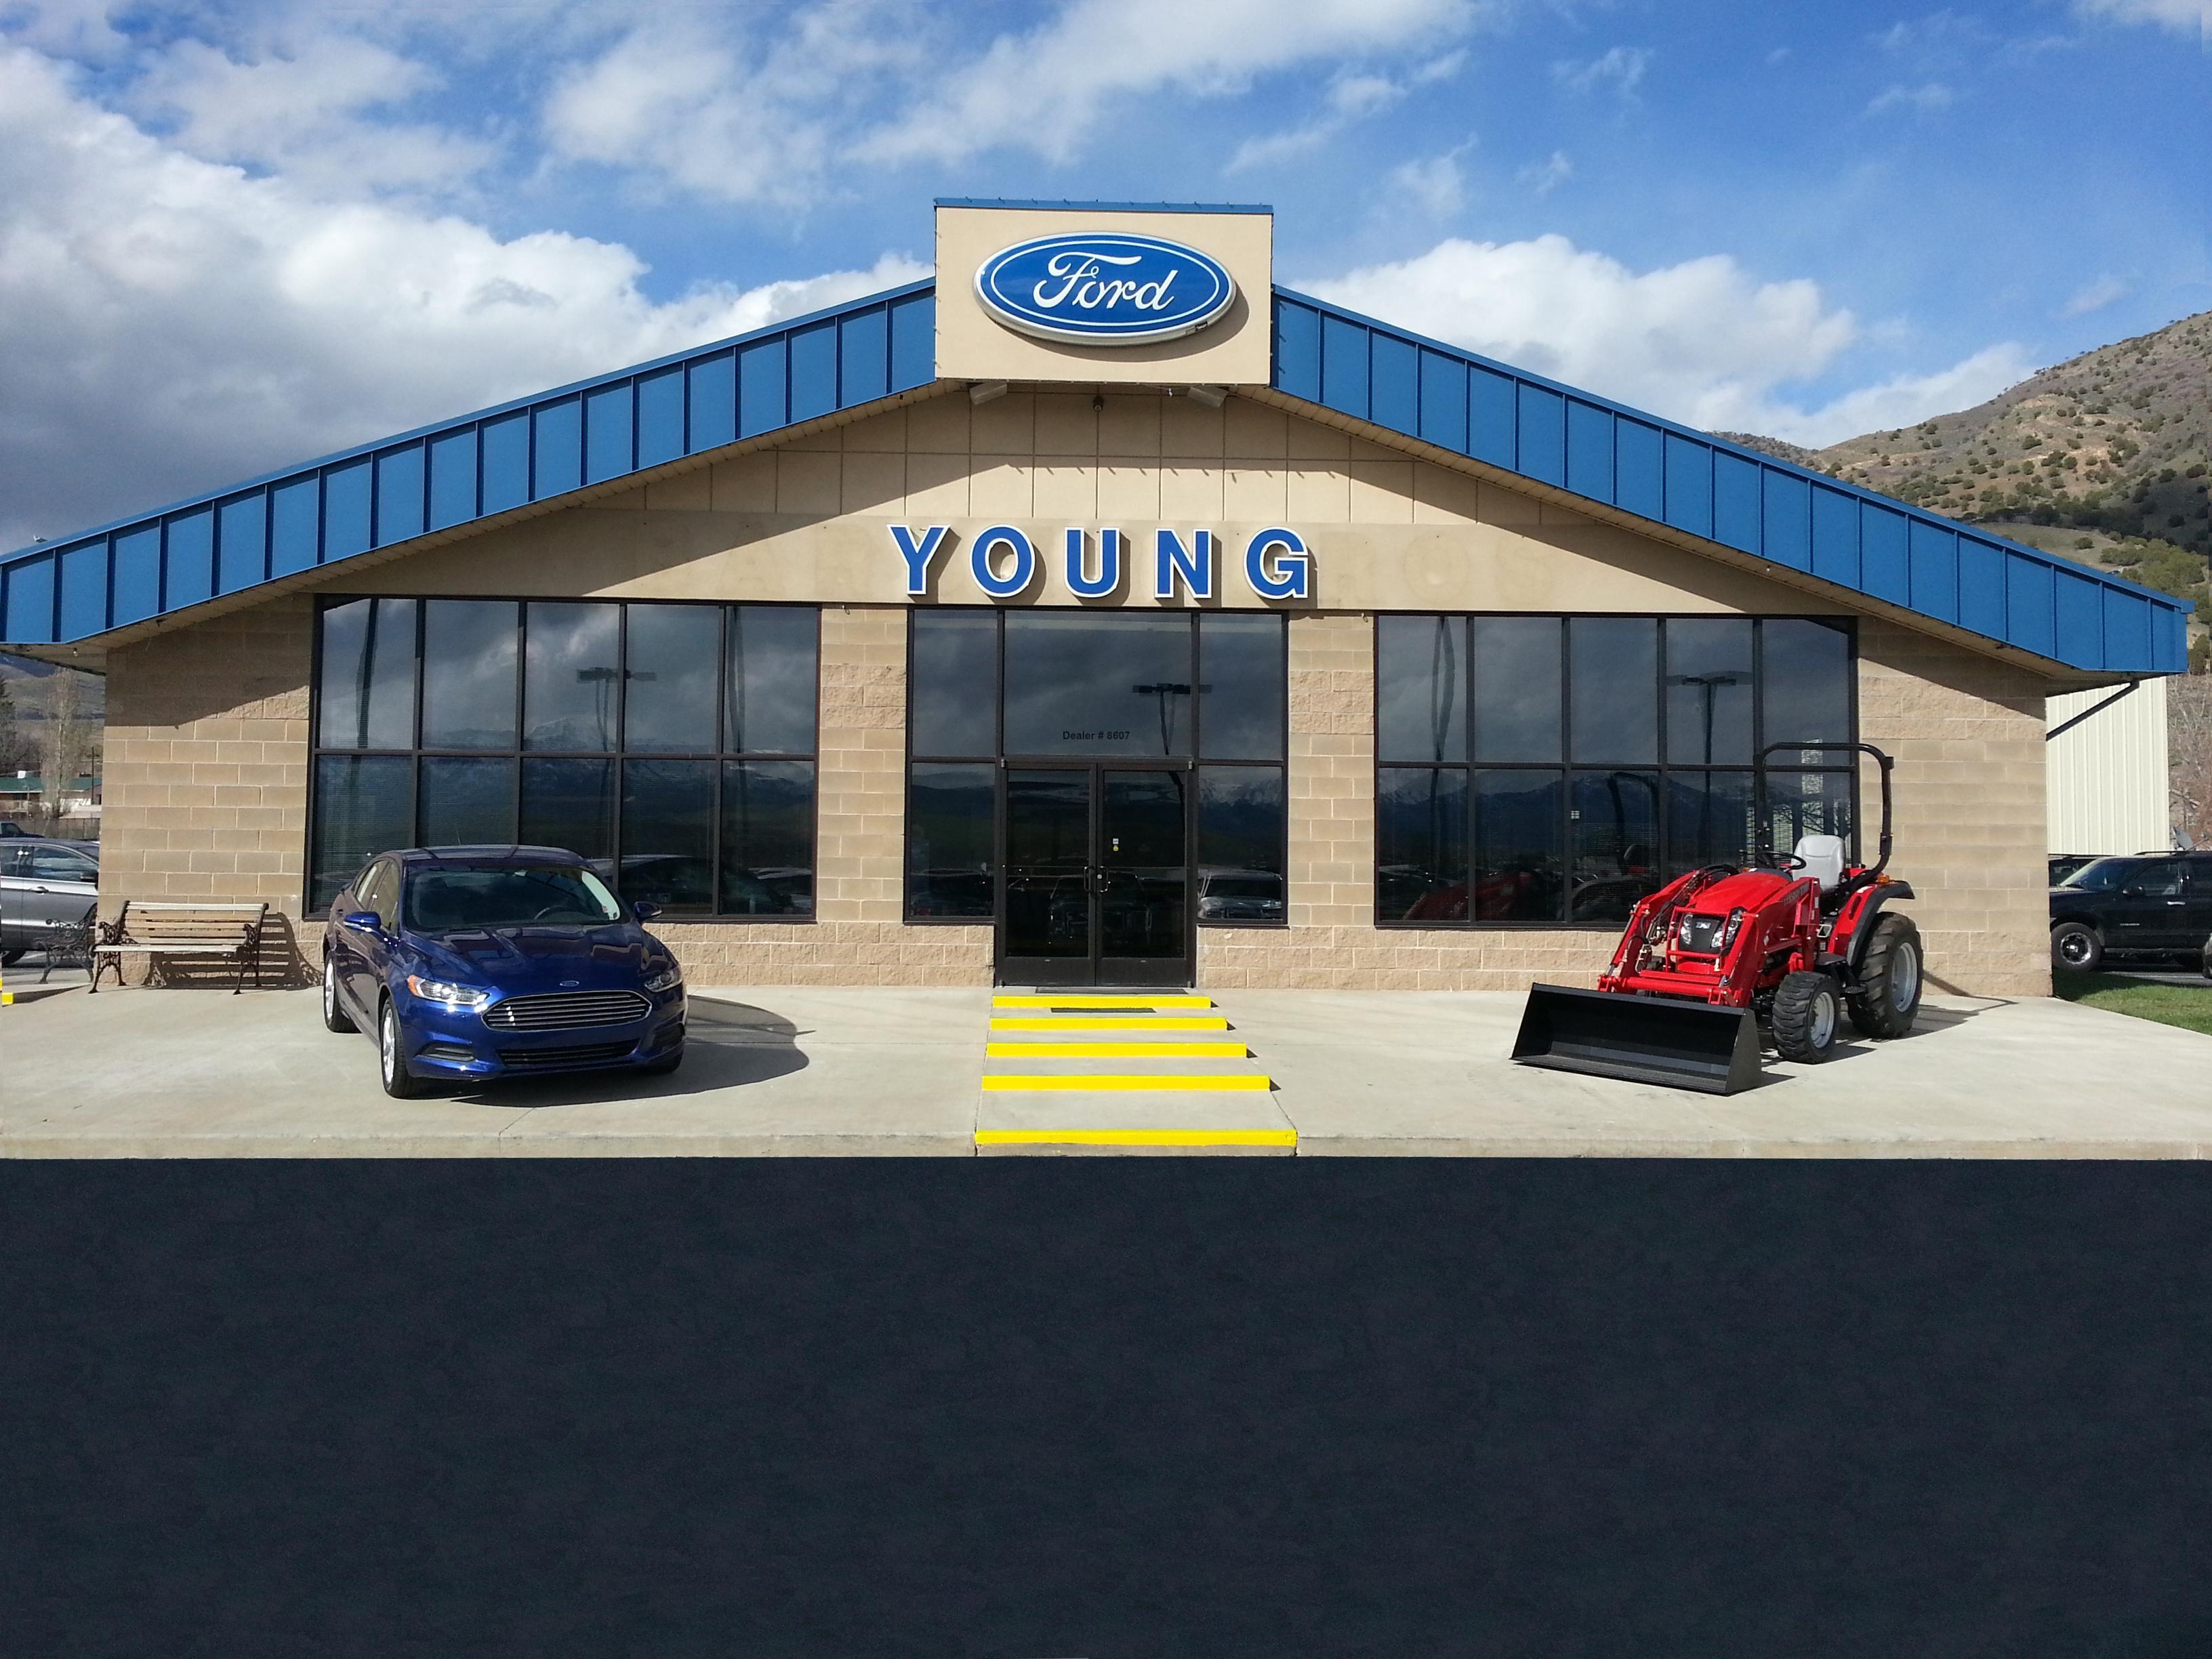 Young Ford Morgan image 0